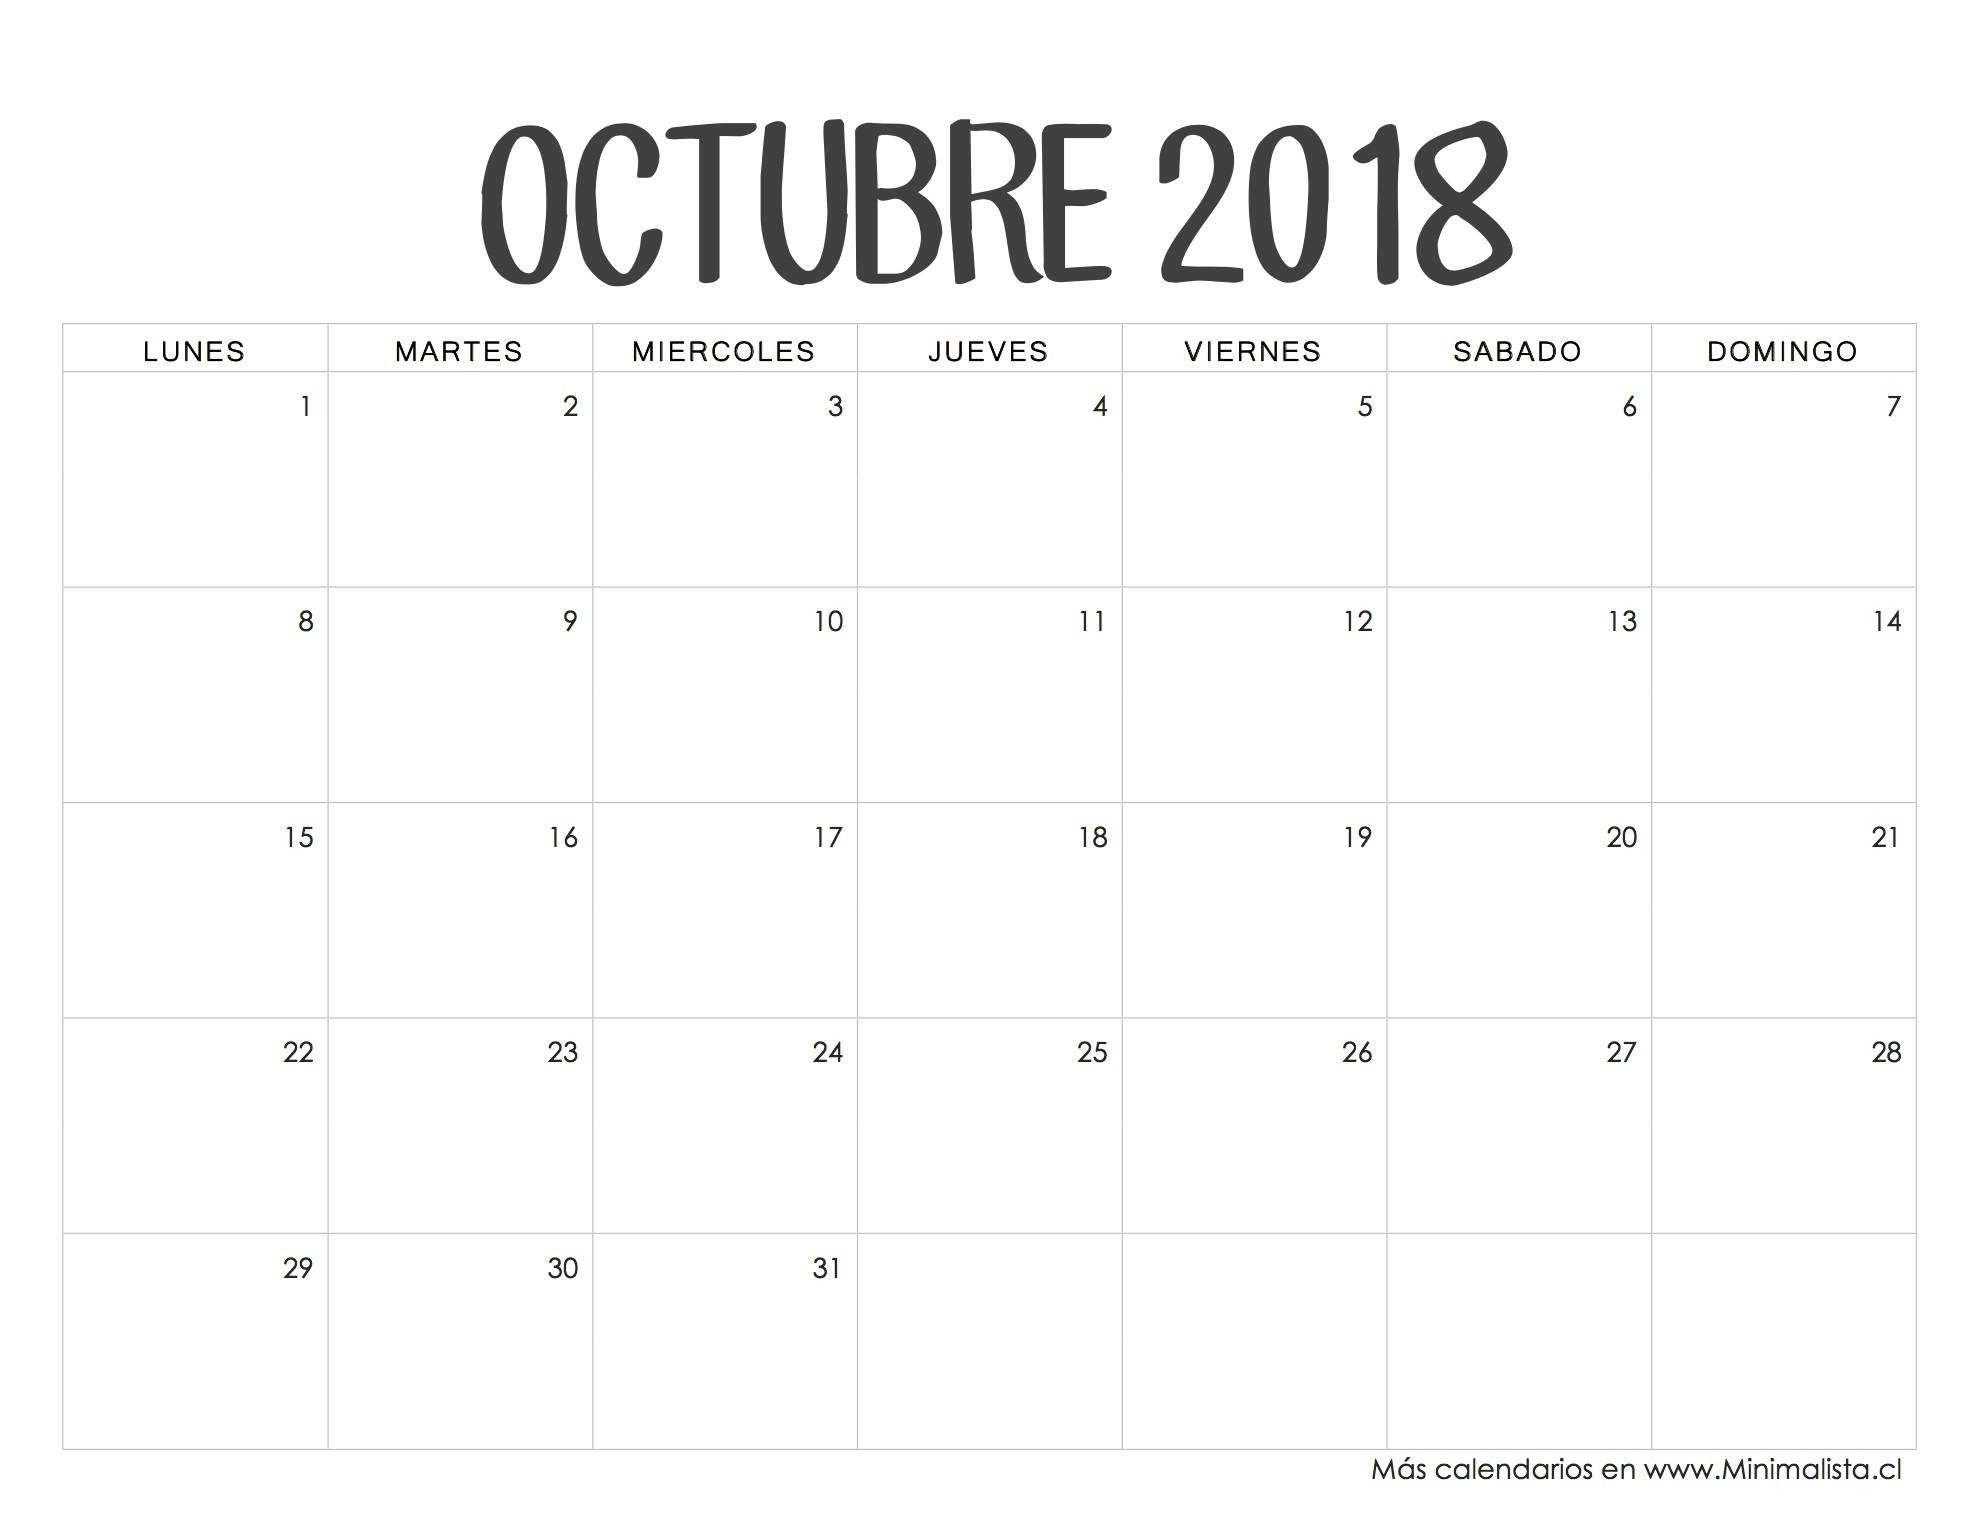 Calendario Para Imprimir Colombia 2017 Más Arriba-a-fecha Calendario Octubre 2018 organizarme Pinterest Of Calendario Para Imprimir Colombia 2017 Más Reciente Calendario Guatemala A±o 2016